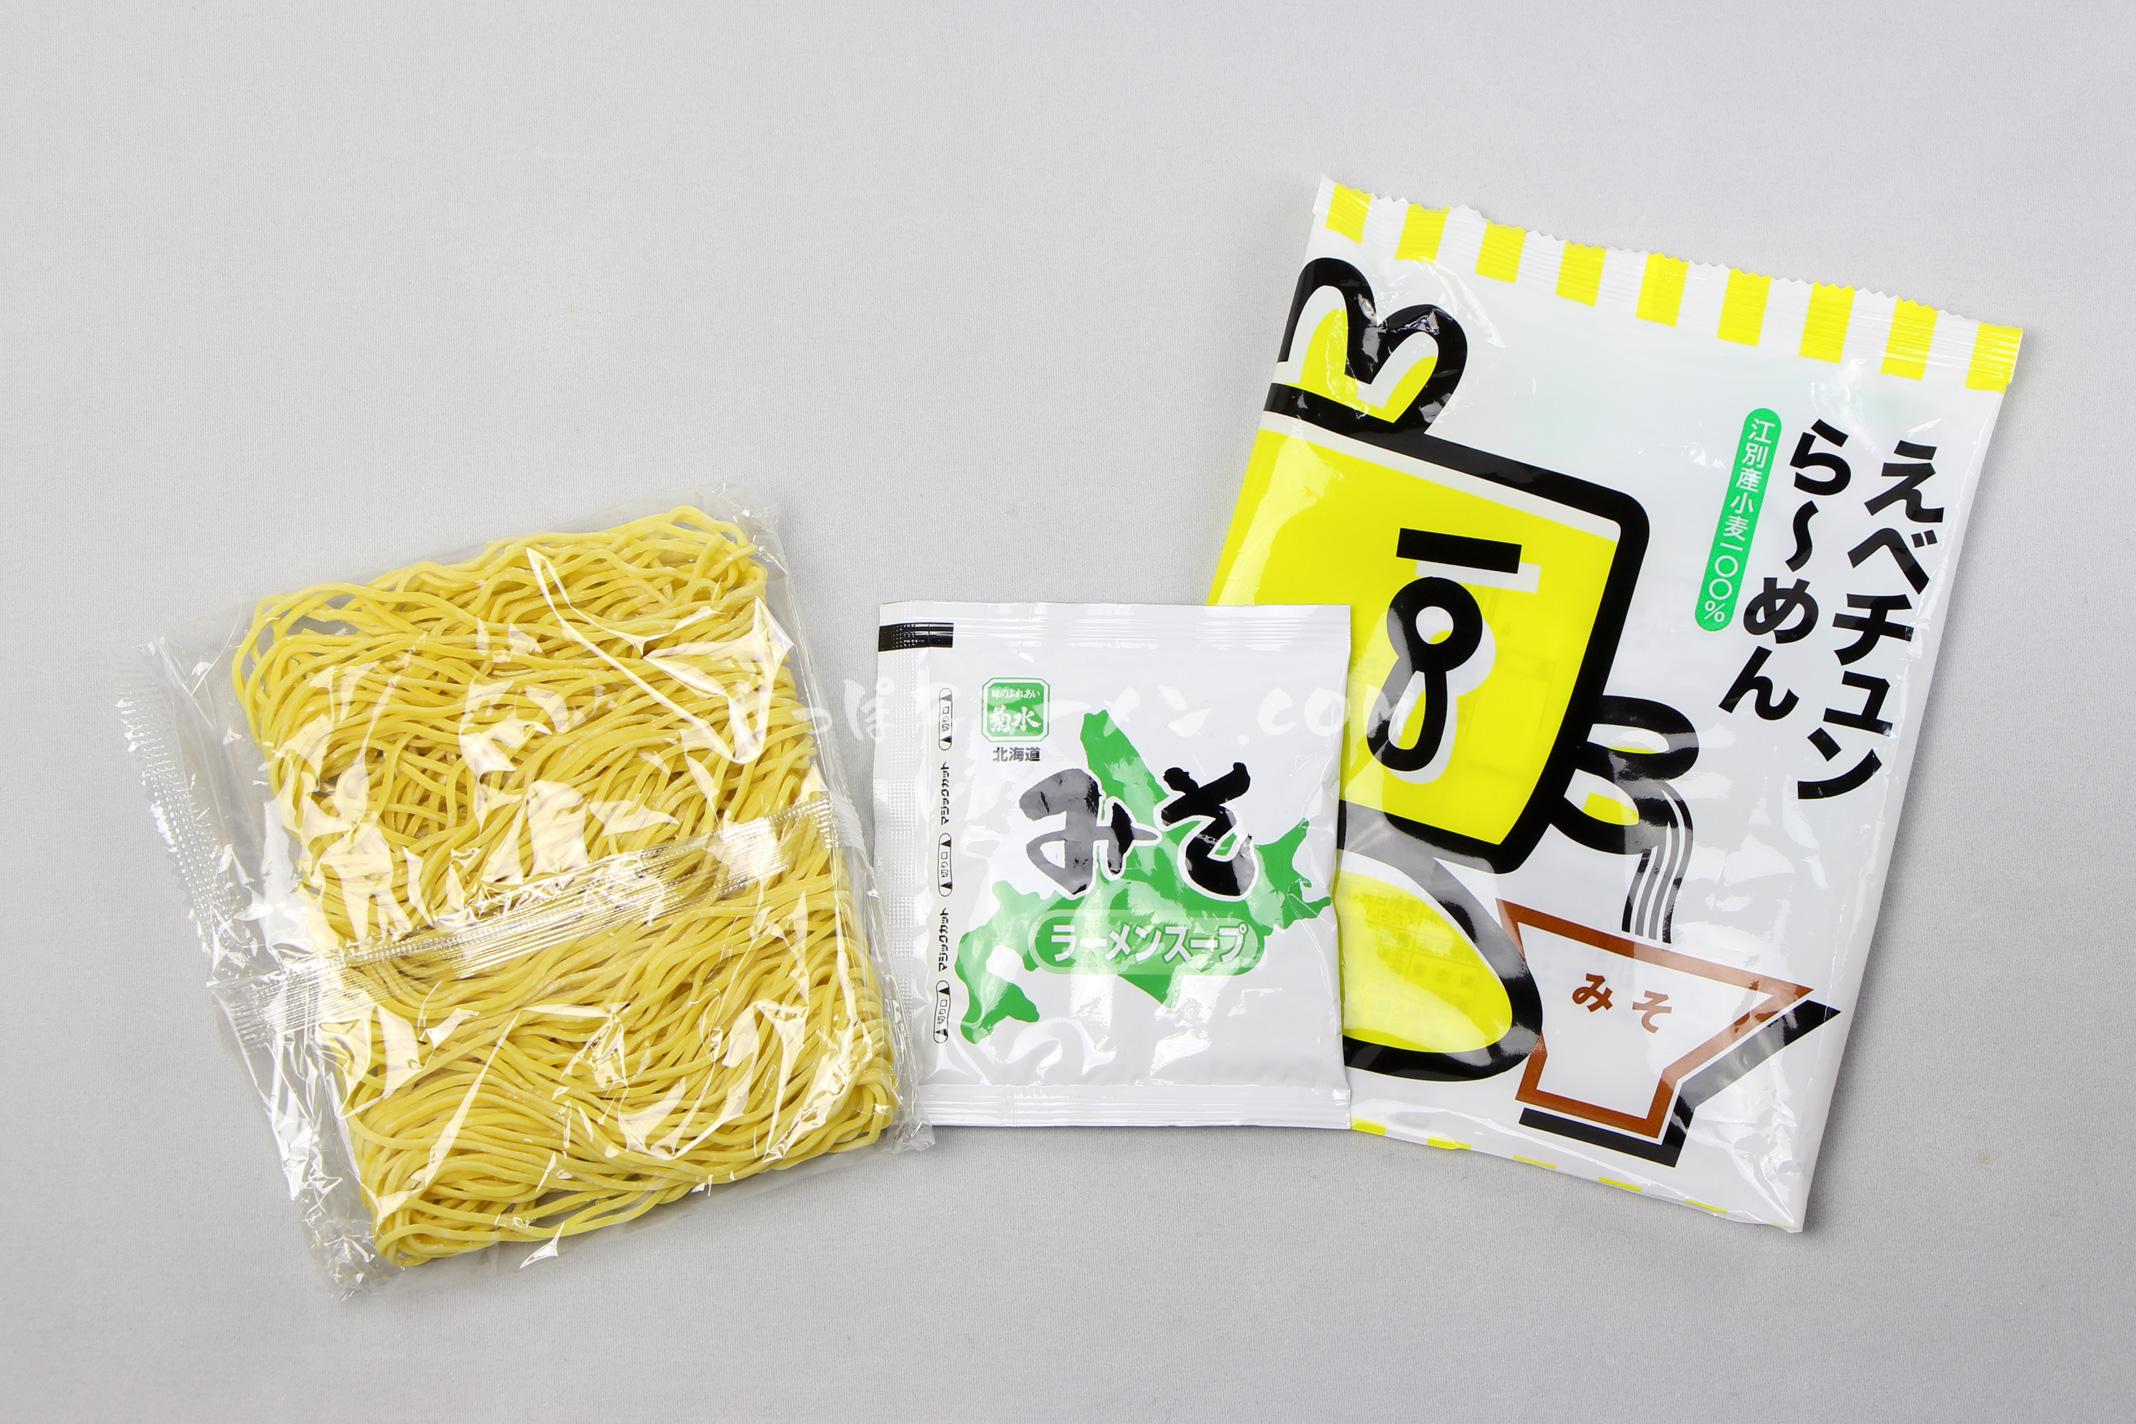 江別産小麦100%のツルもち麺「えべチュンら~めん(みそ)」(菊水)の麺とスープ